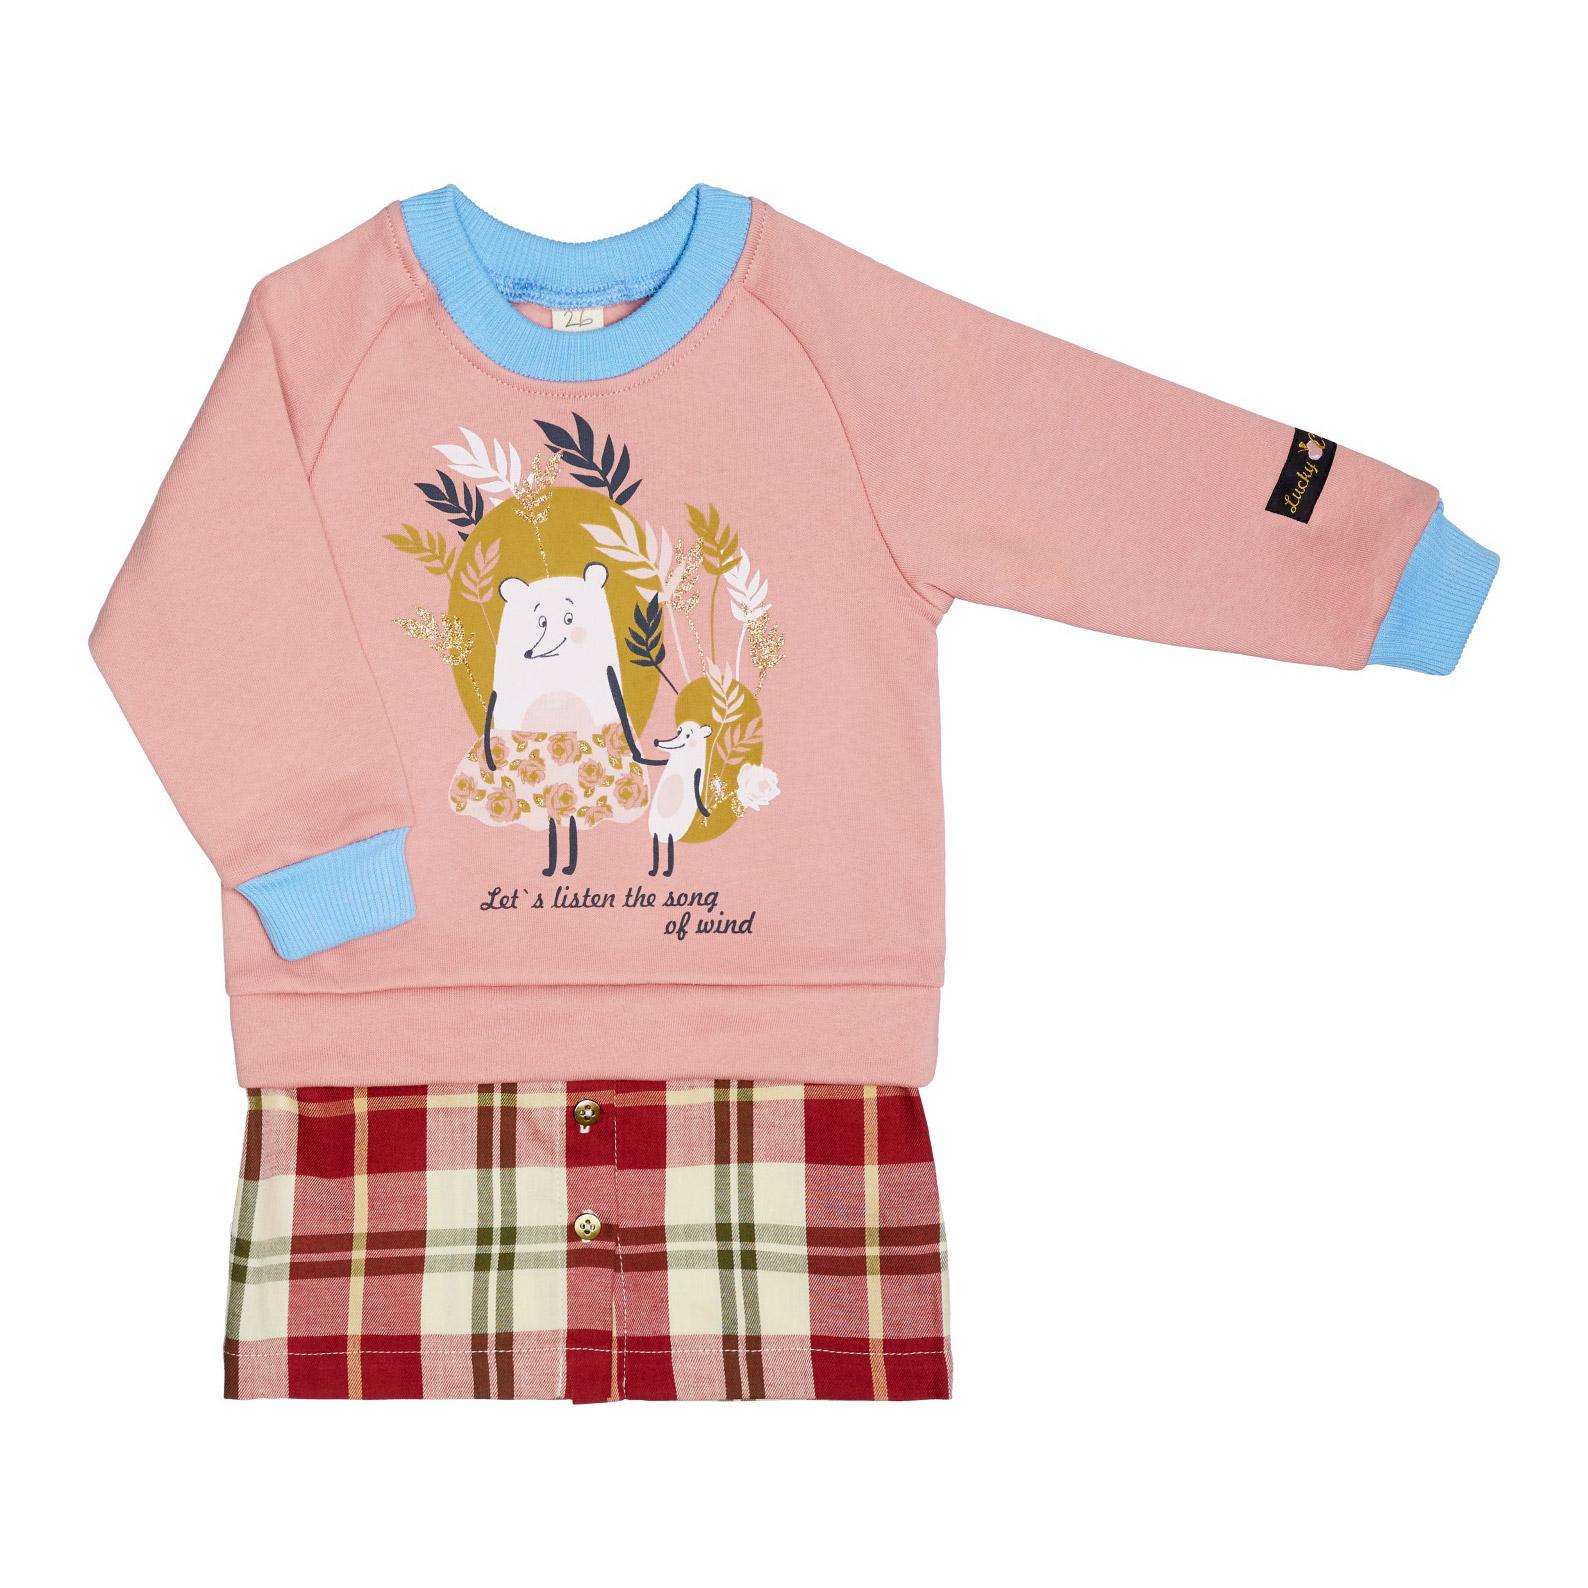 Купить Платье Lucky Child Осенний лес розовое 122-128, Розовый, Футер, Для девочек, Осень-Зима,